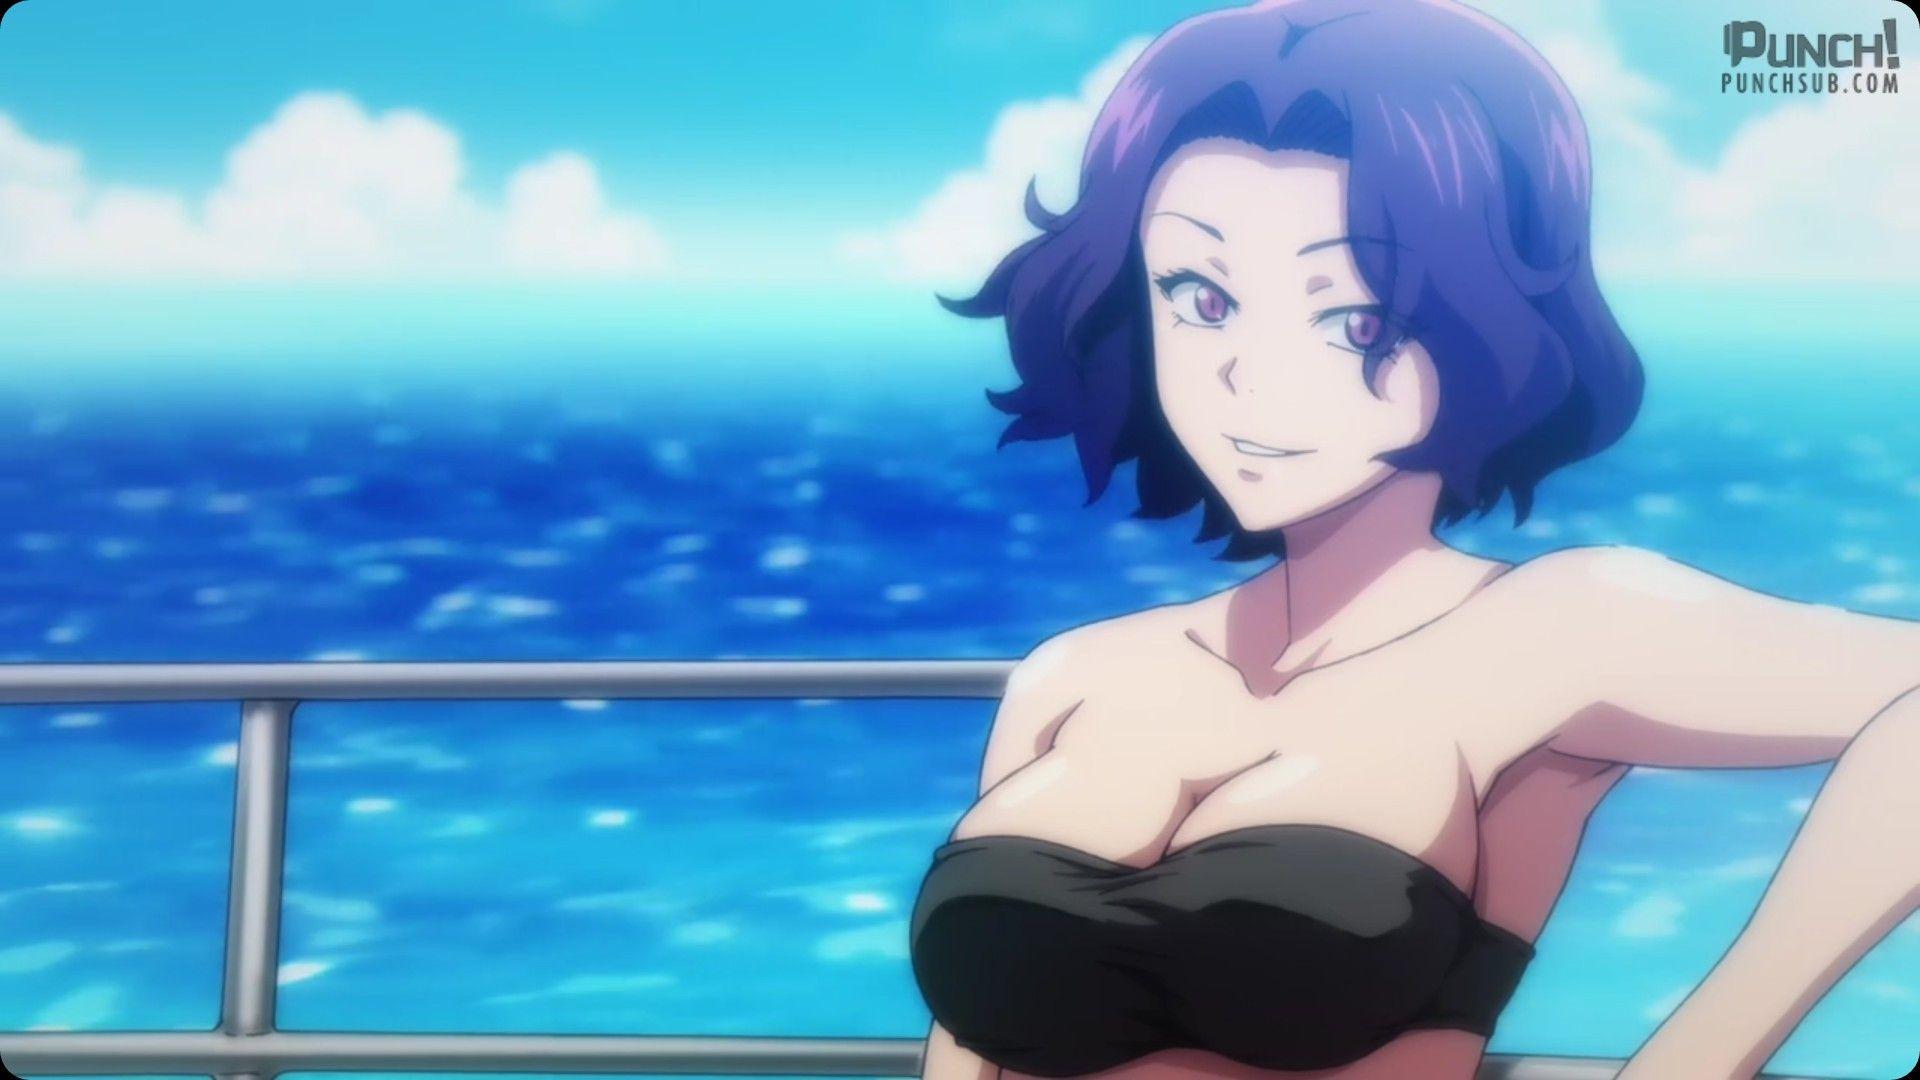 Azusa 3 Devushki Iz Anime Okean Anime